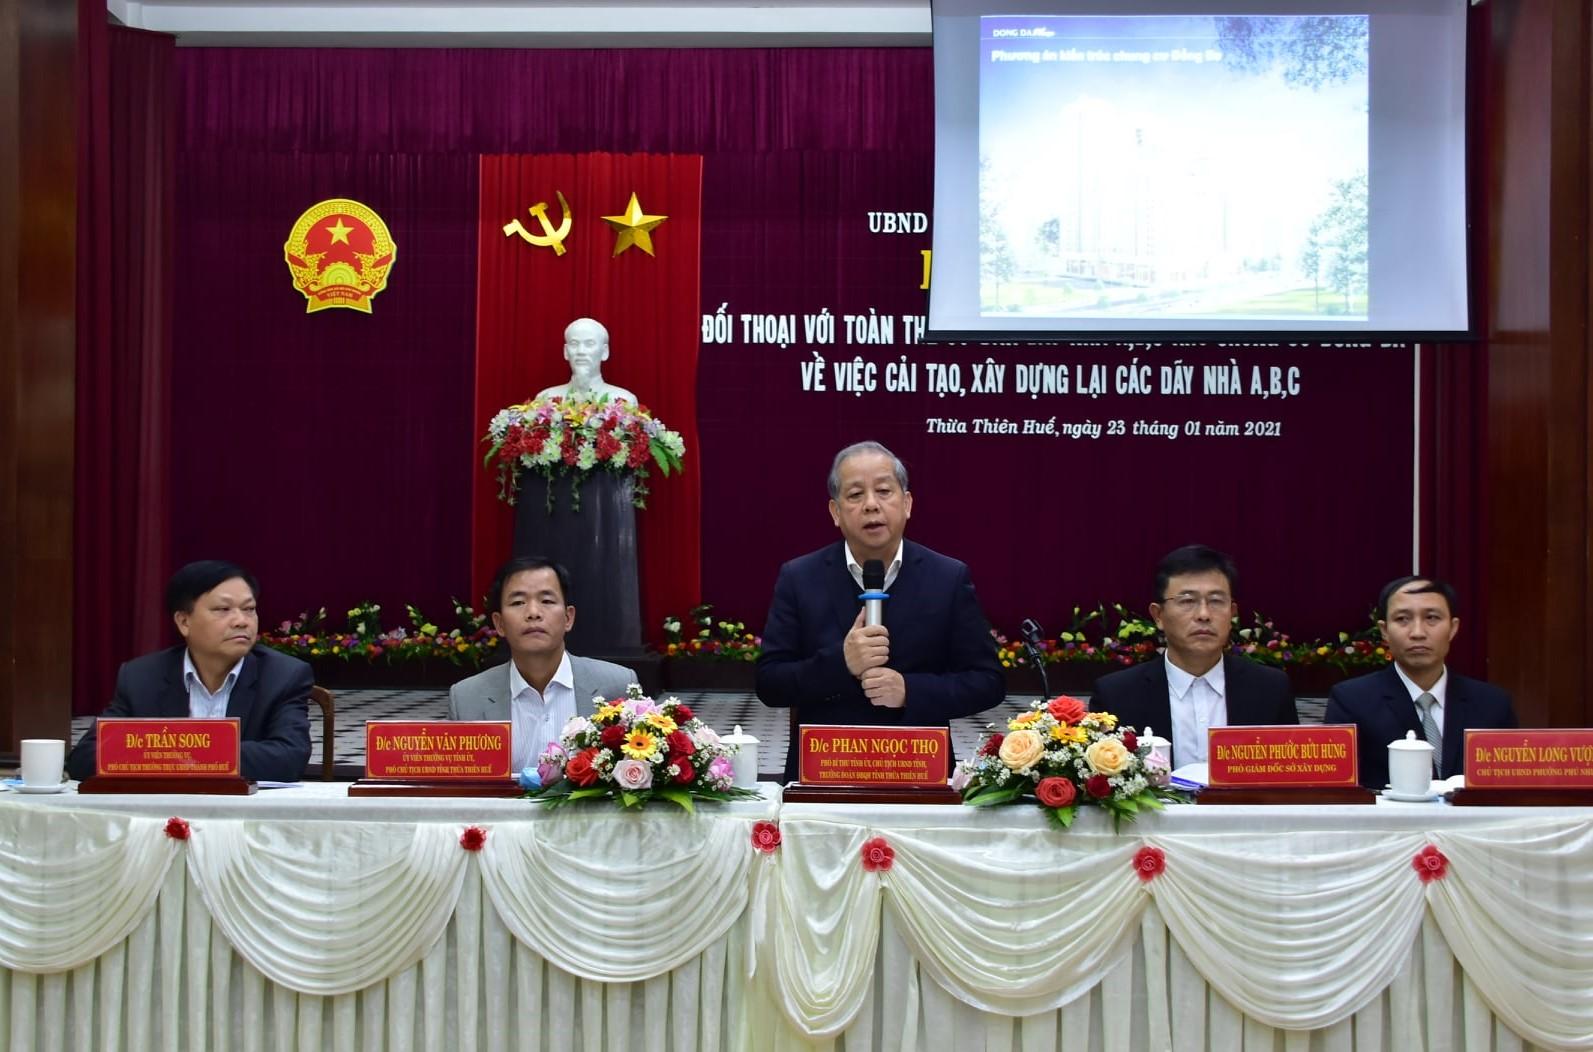 Chủ tịch UBND tỉnh Thừa Thiên Huế Phan Ngọc Thọ trao đổi, chia sẻ thông tin với người dân.